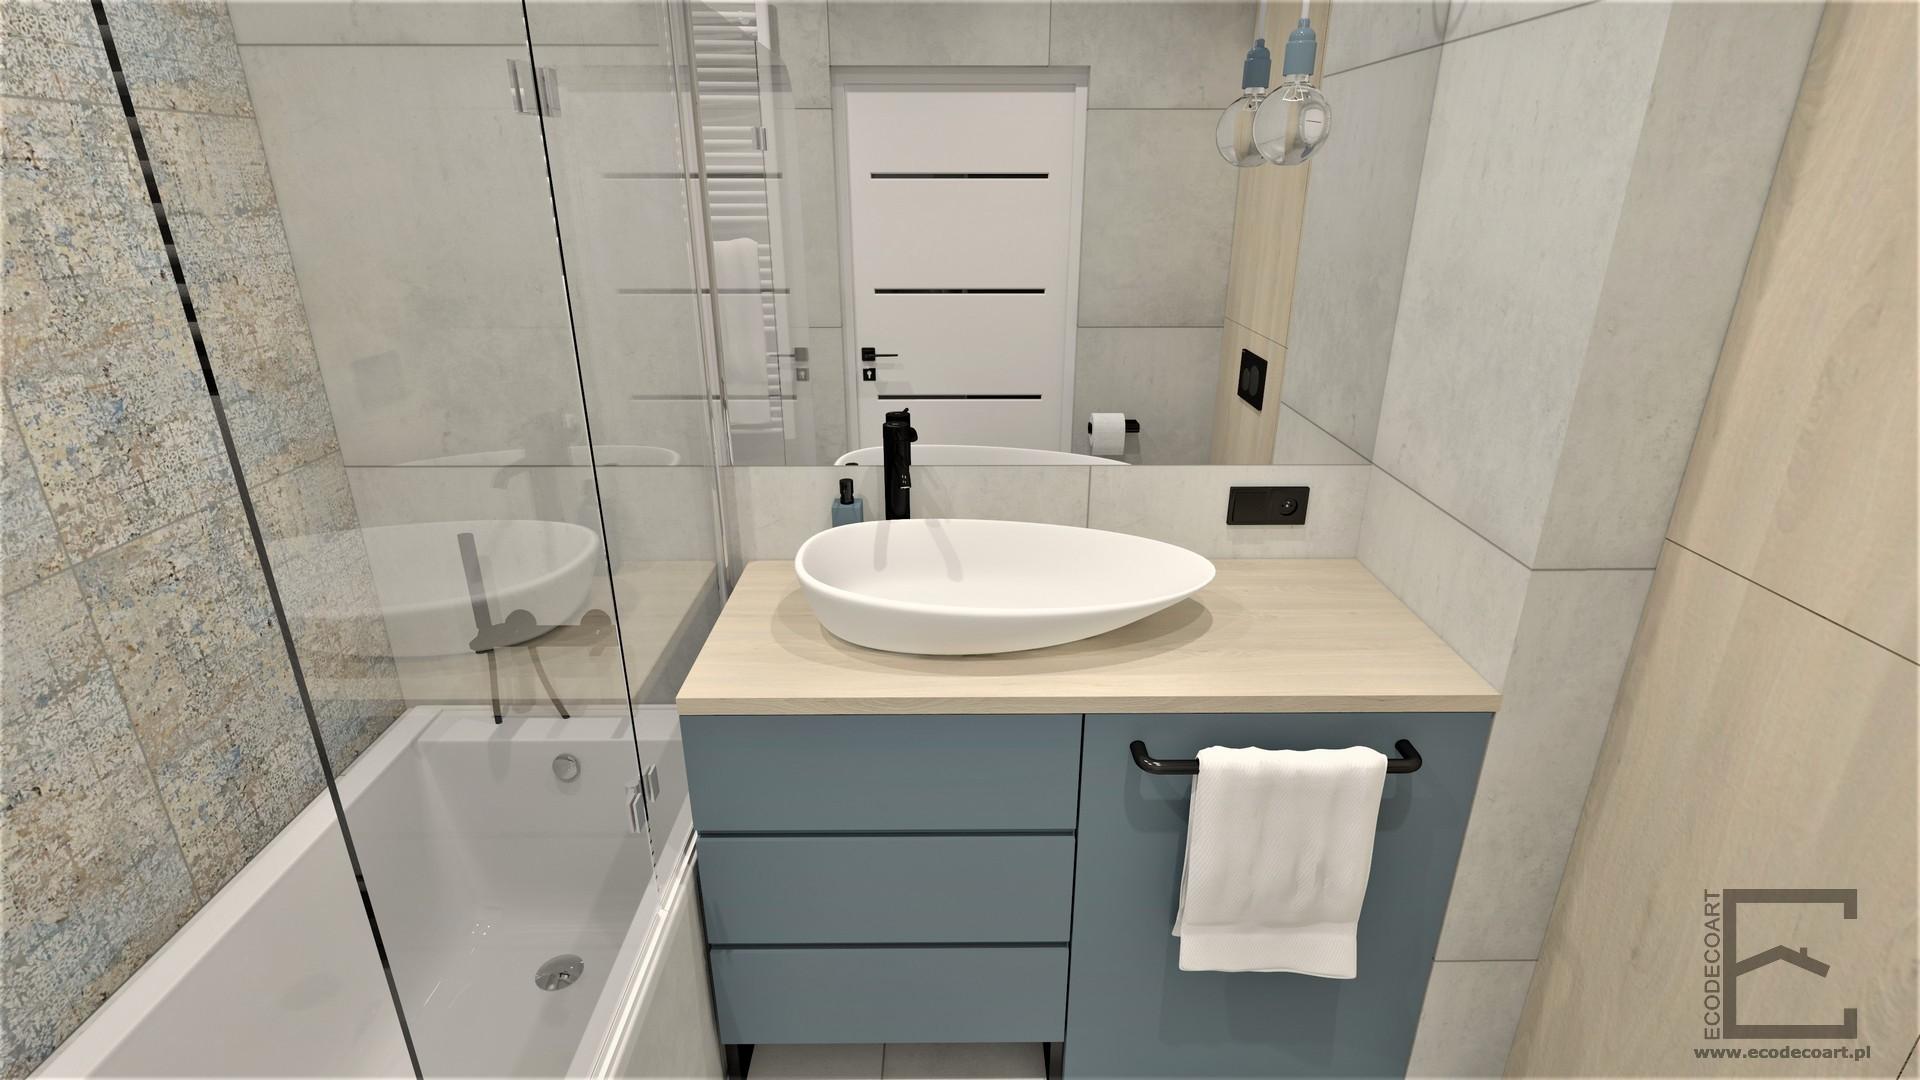 Mieszkanie w Lublinie – łazienka w dwóch wersjach